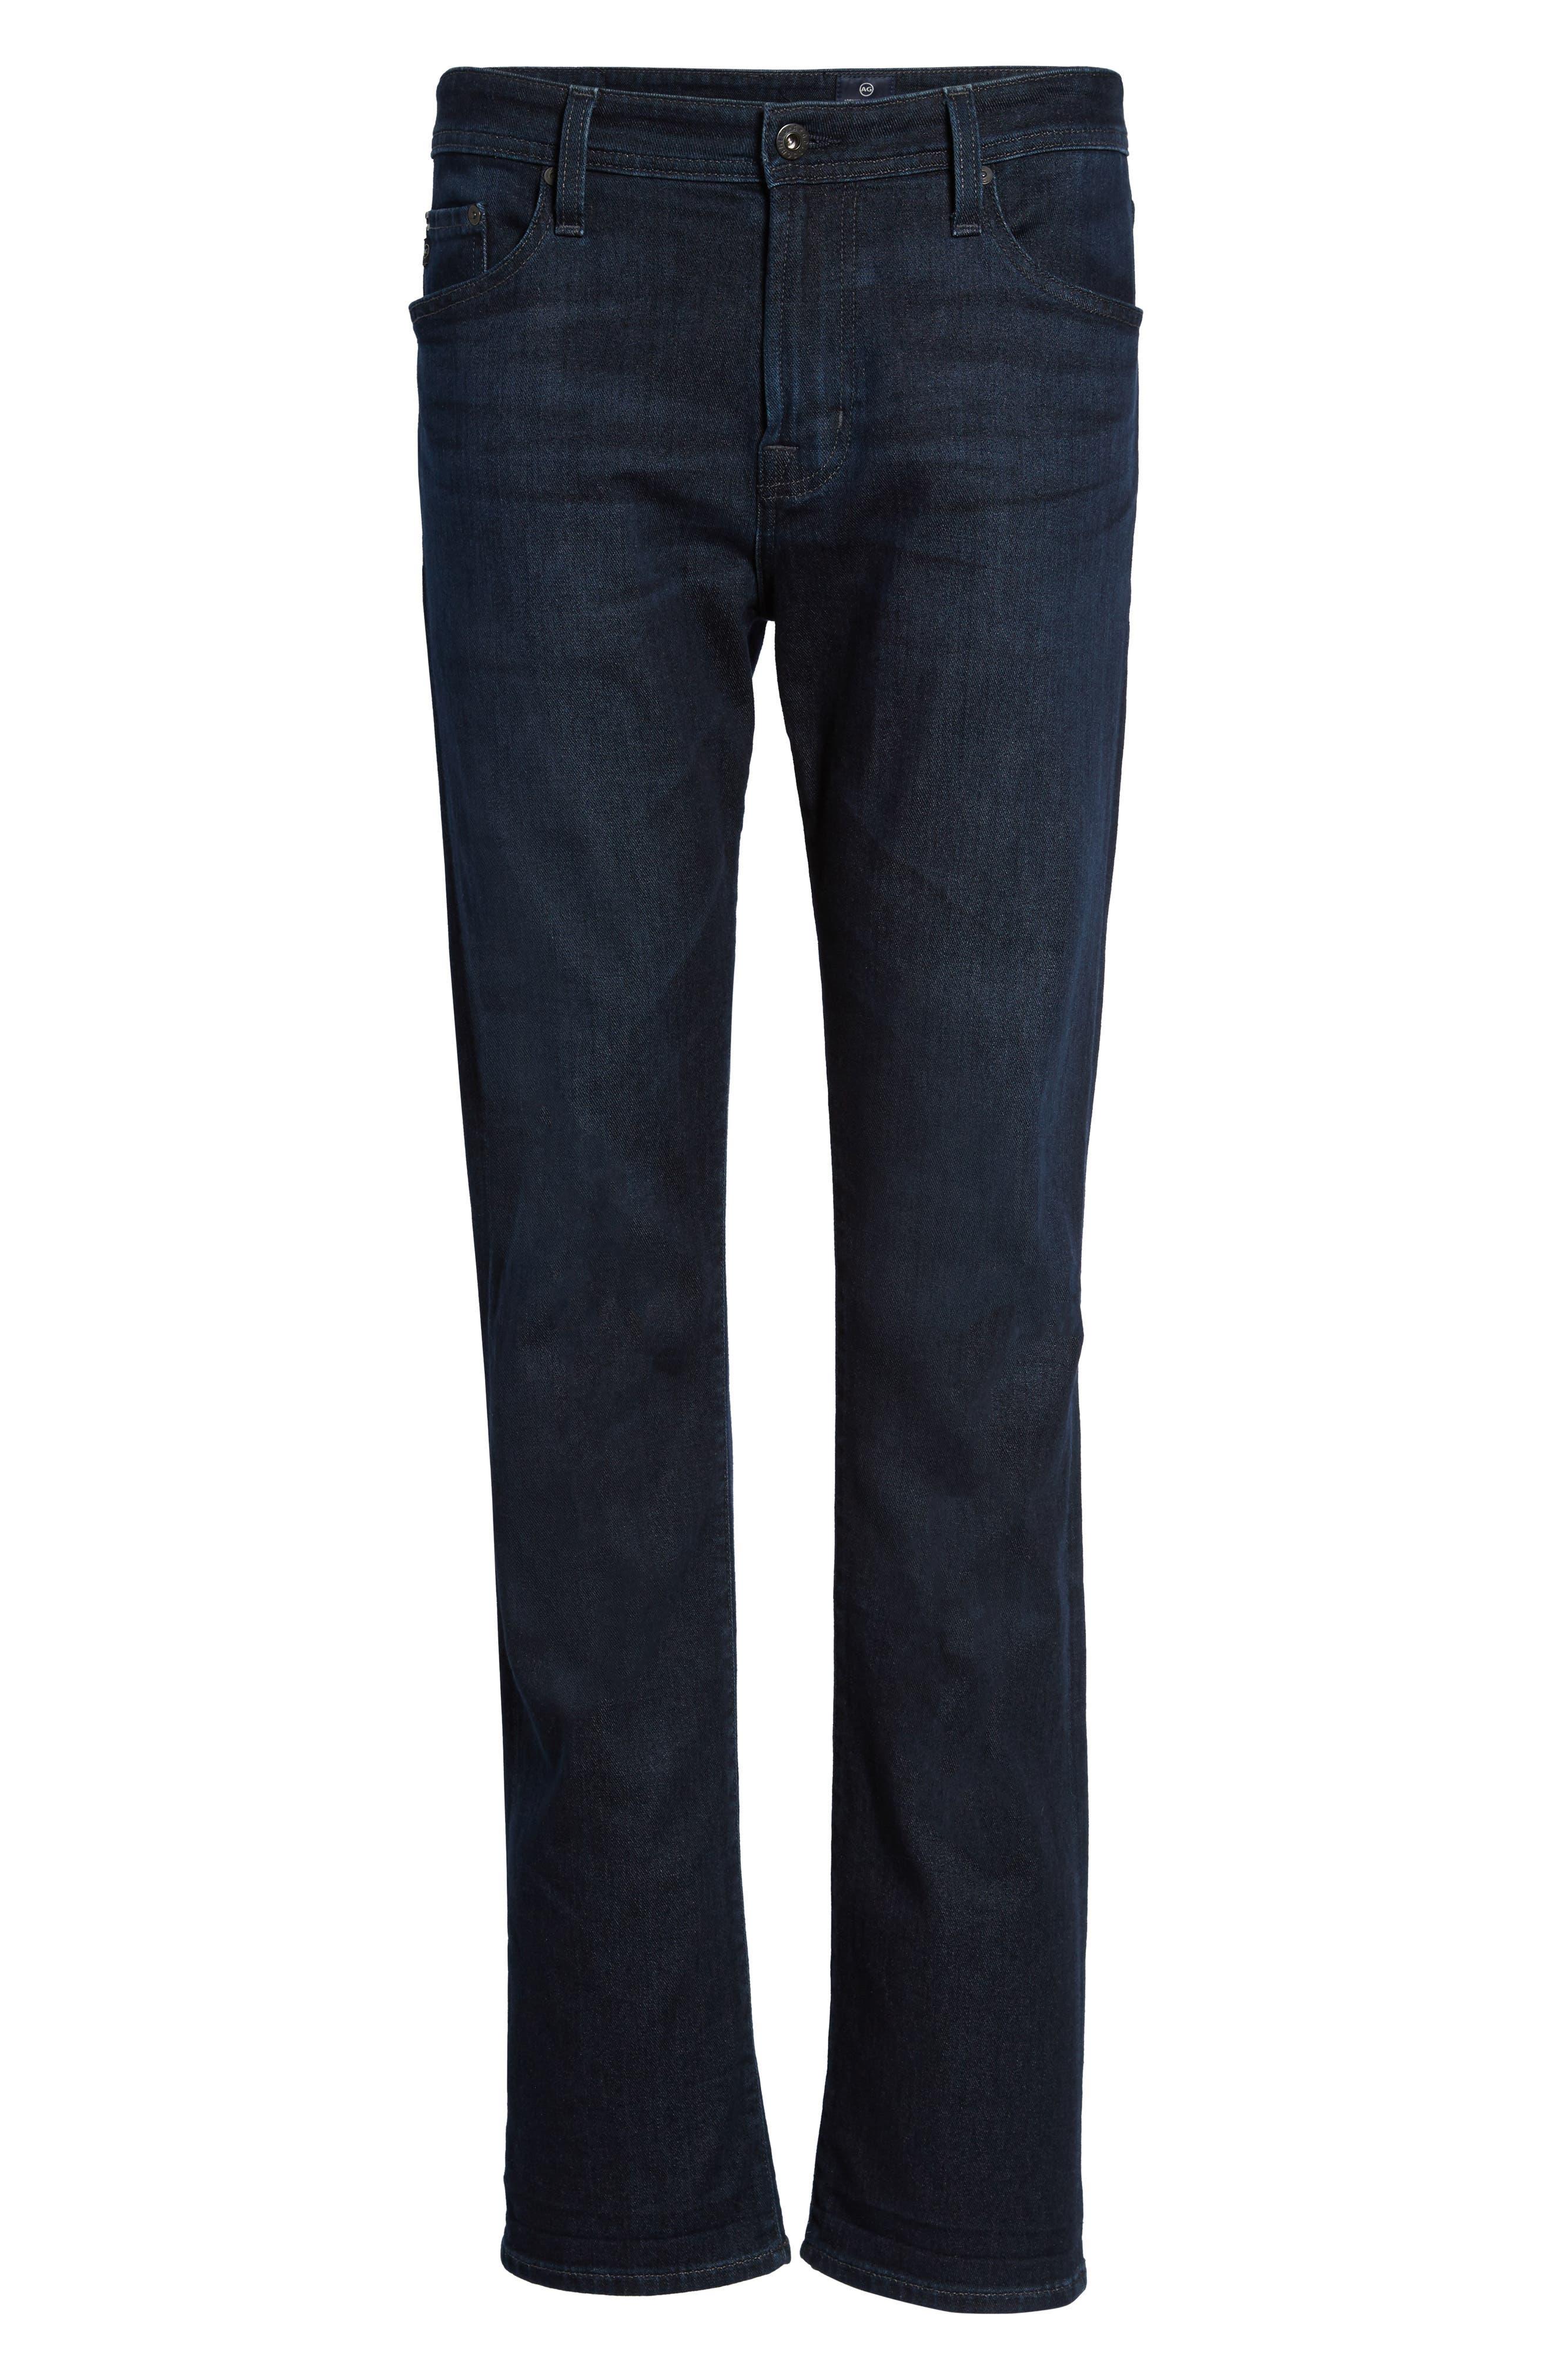 Everett Slim Straight Fit Jeans,                             Alternate thumbnail 6, color,                             Regulator